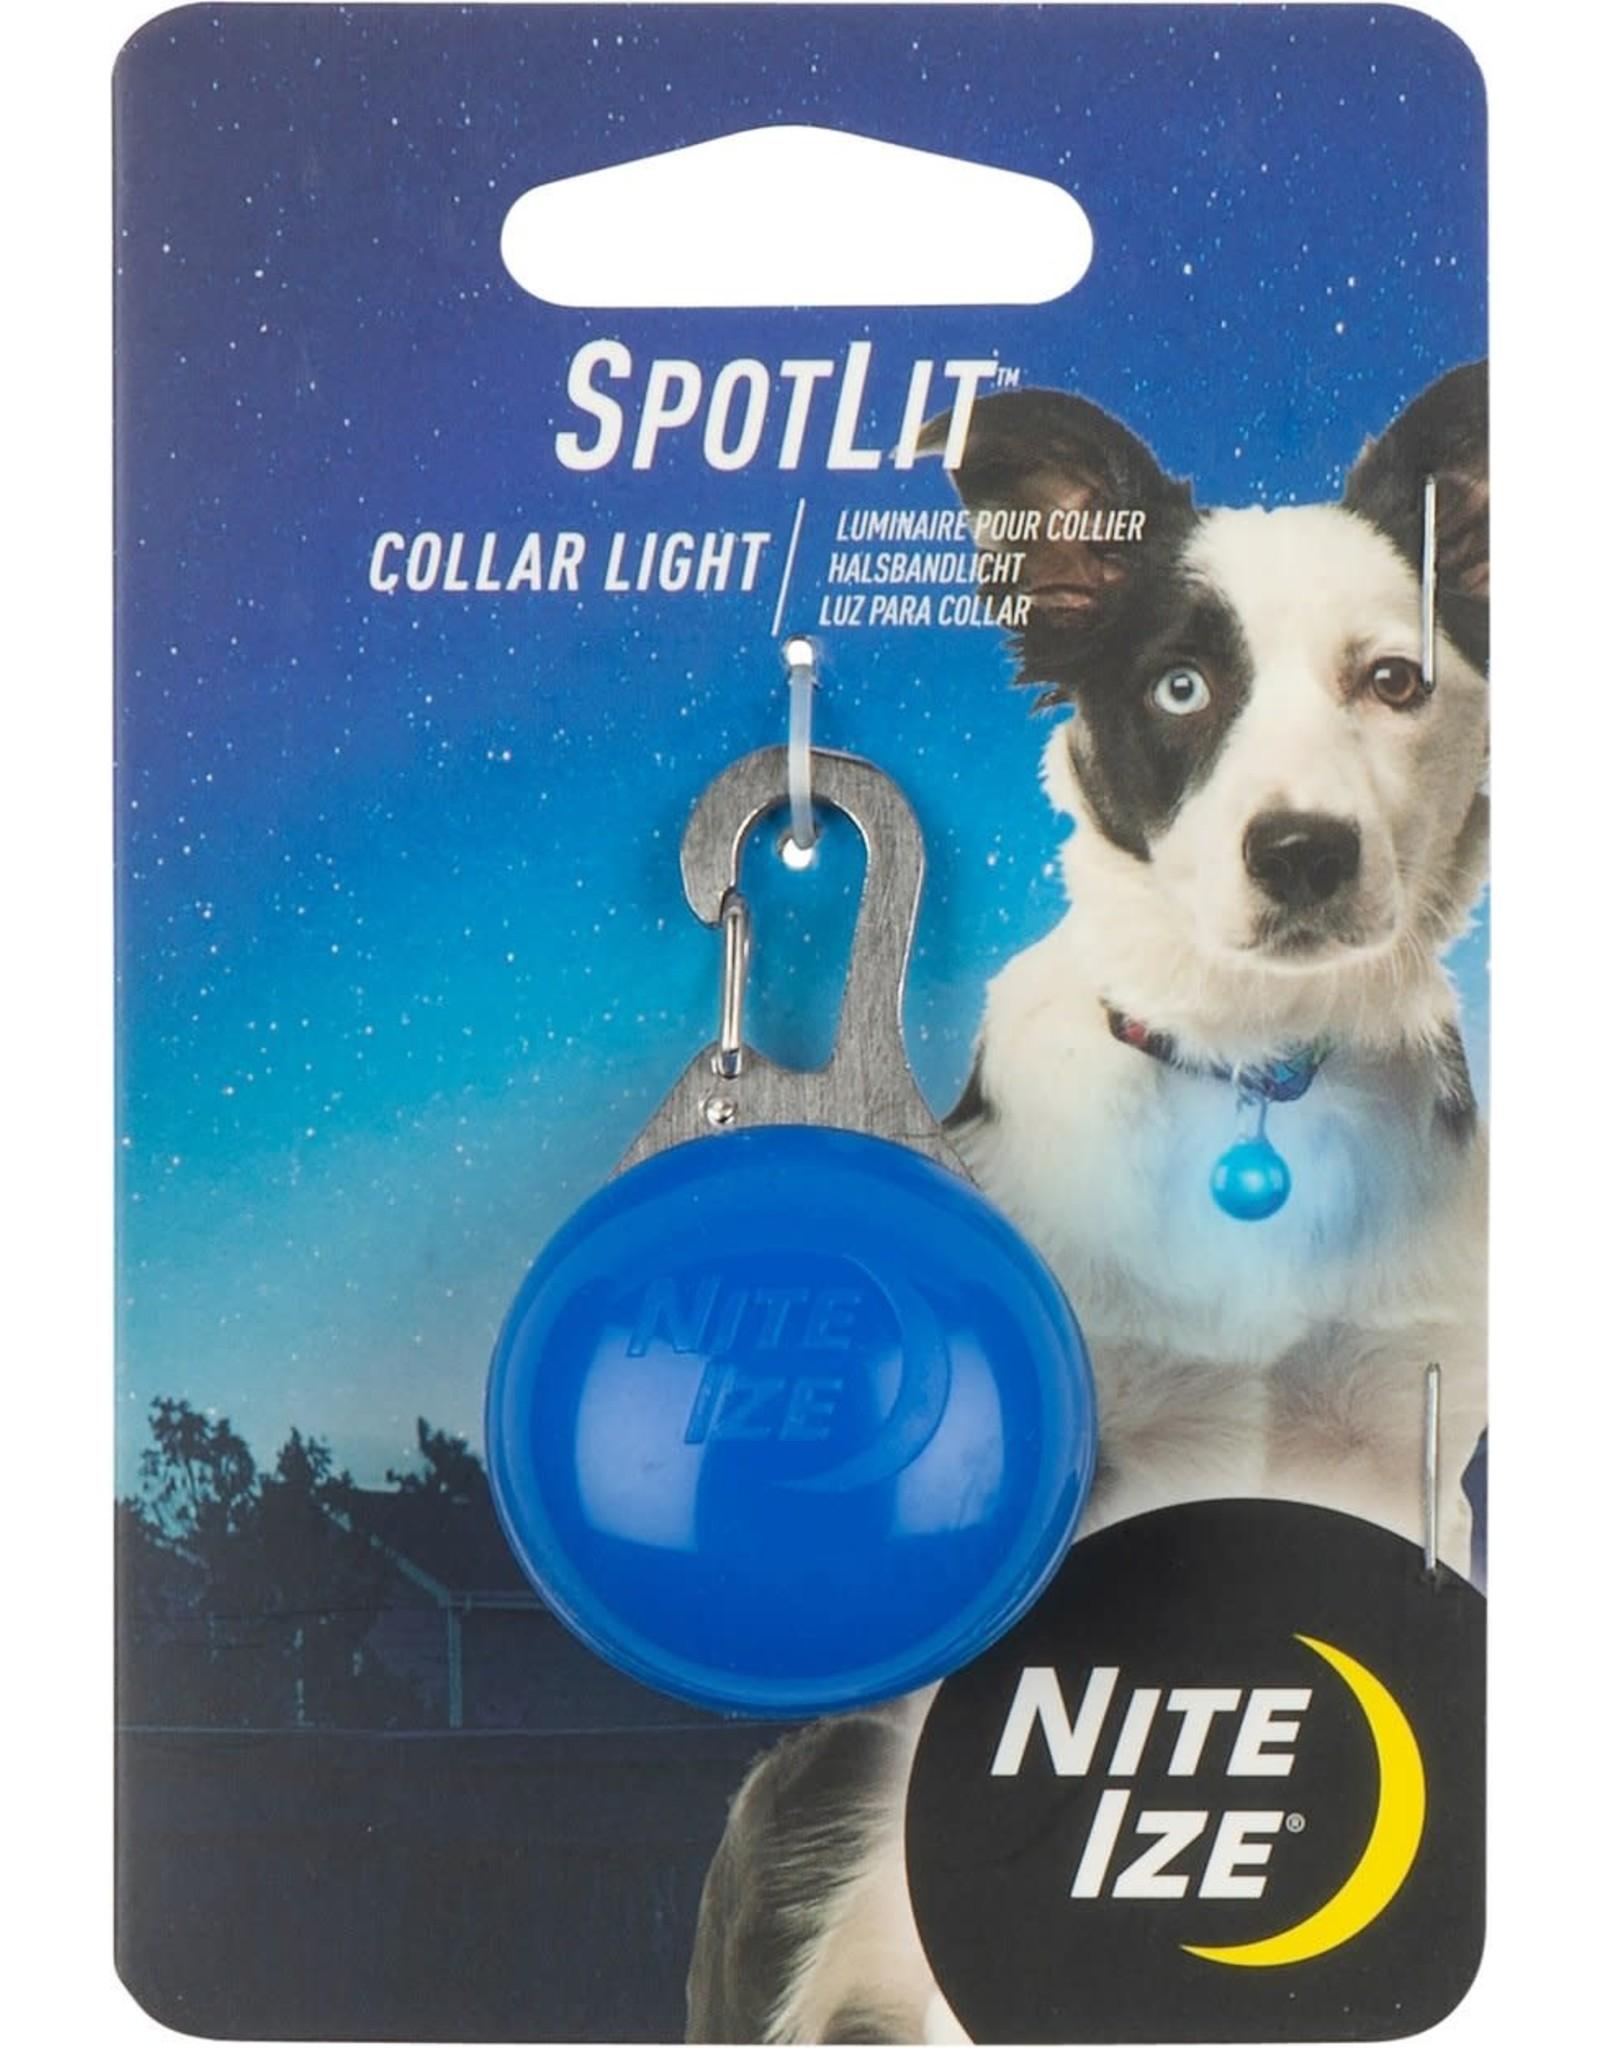 Nite Ize Nite Ize - Collar Light - Blue